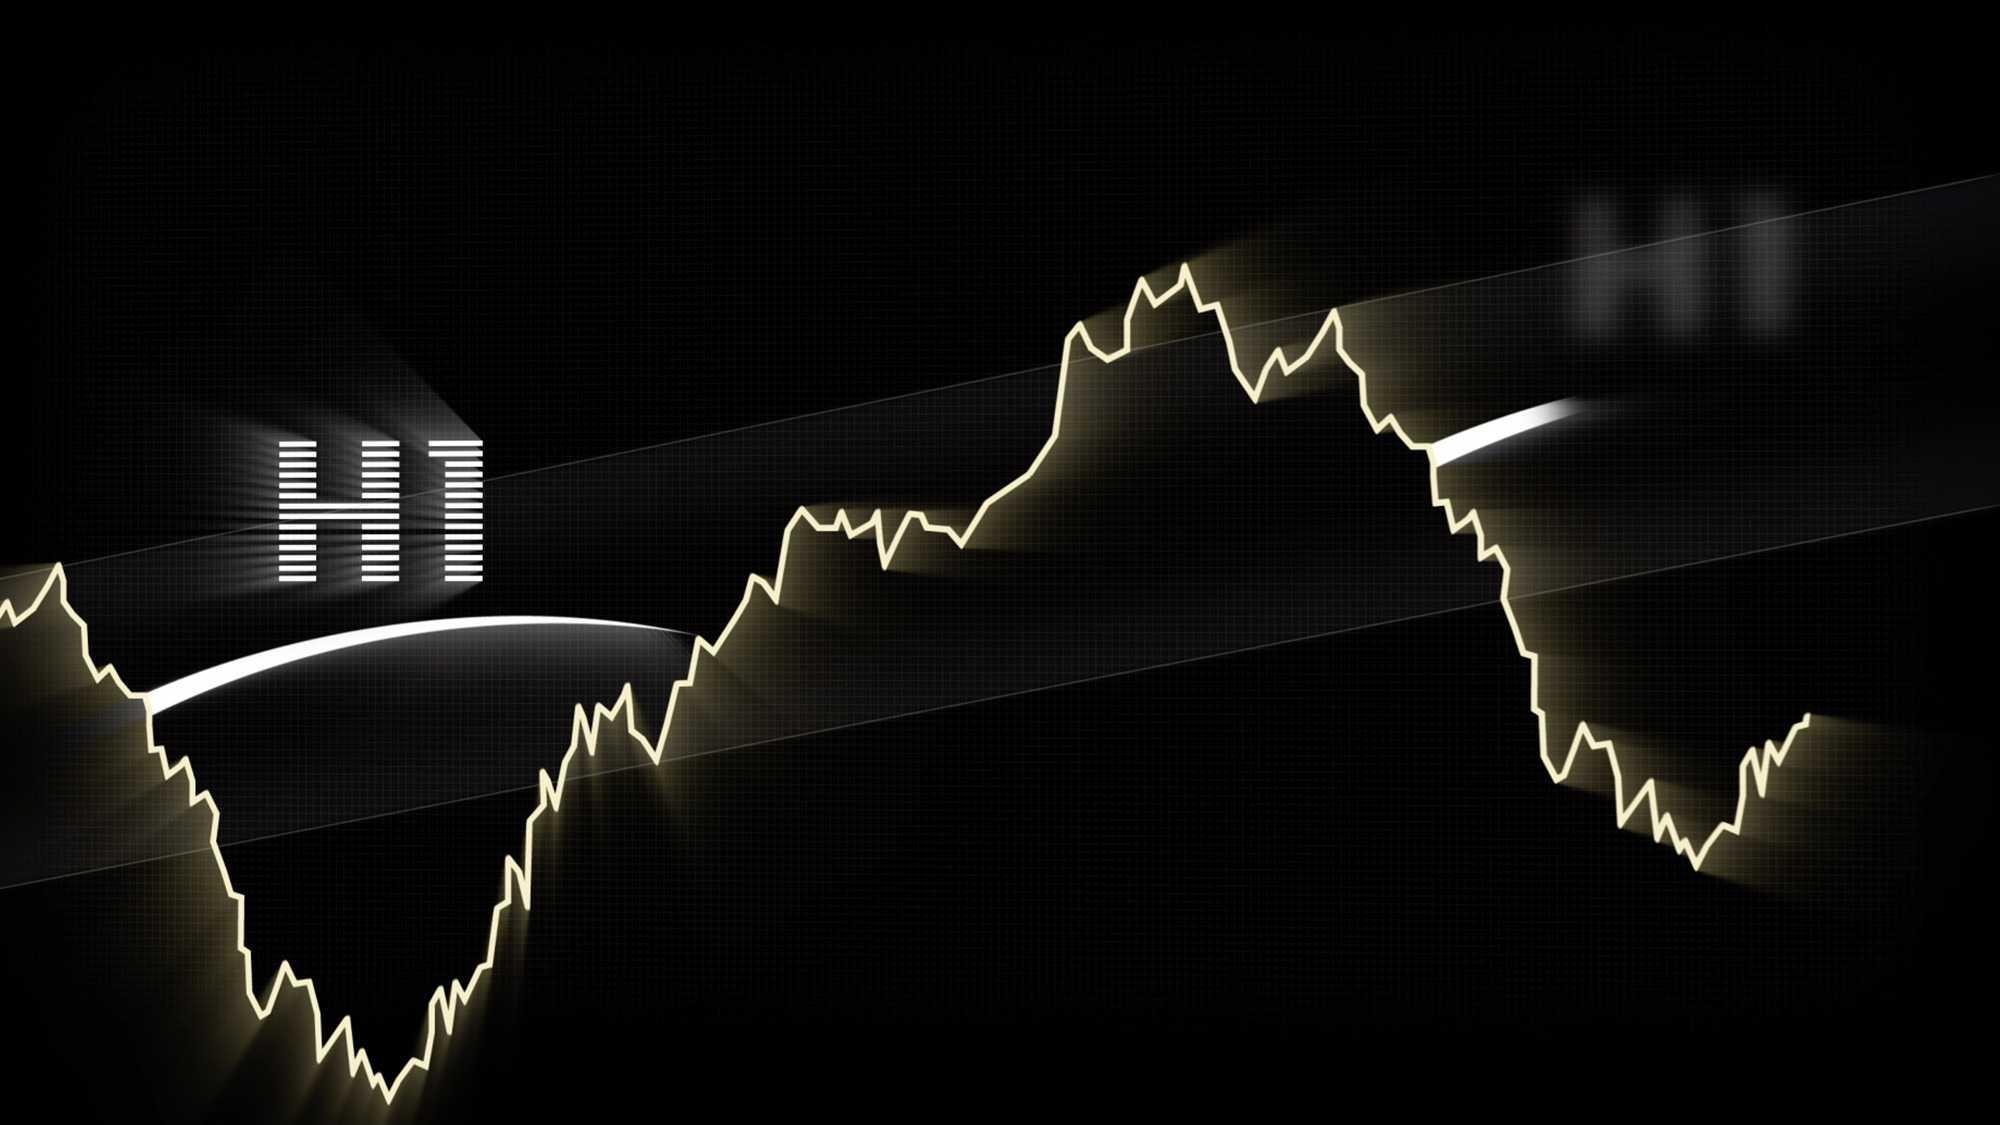 Das Bild zeigt eine Linie, die den Börsenkurs widerspiegelt. Sie verläuft auf einem schwarzen Hintergrund. Links steht das Wort h1, es ist per Animation eingetracked worden. Das Bild dient als Sliderbild für den Portfolioeintrag H1 Fond von Panda Pictures.